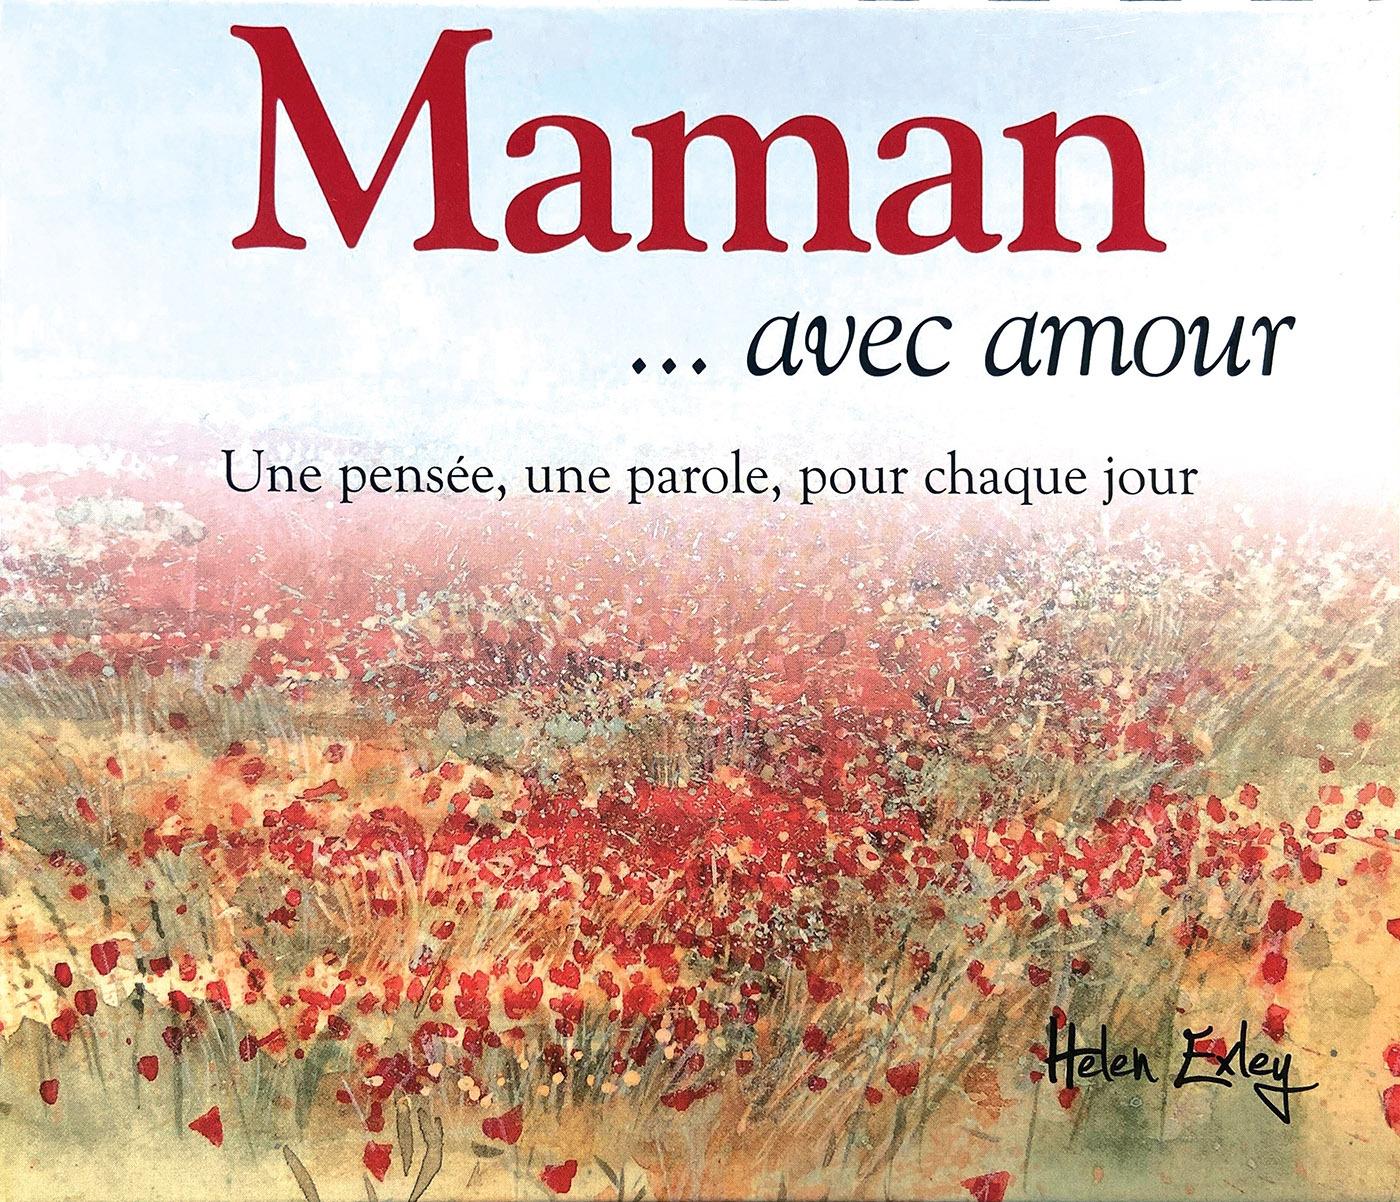 MAMAN AVEC AMOUR